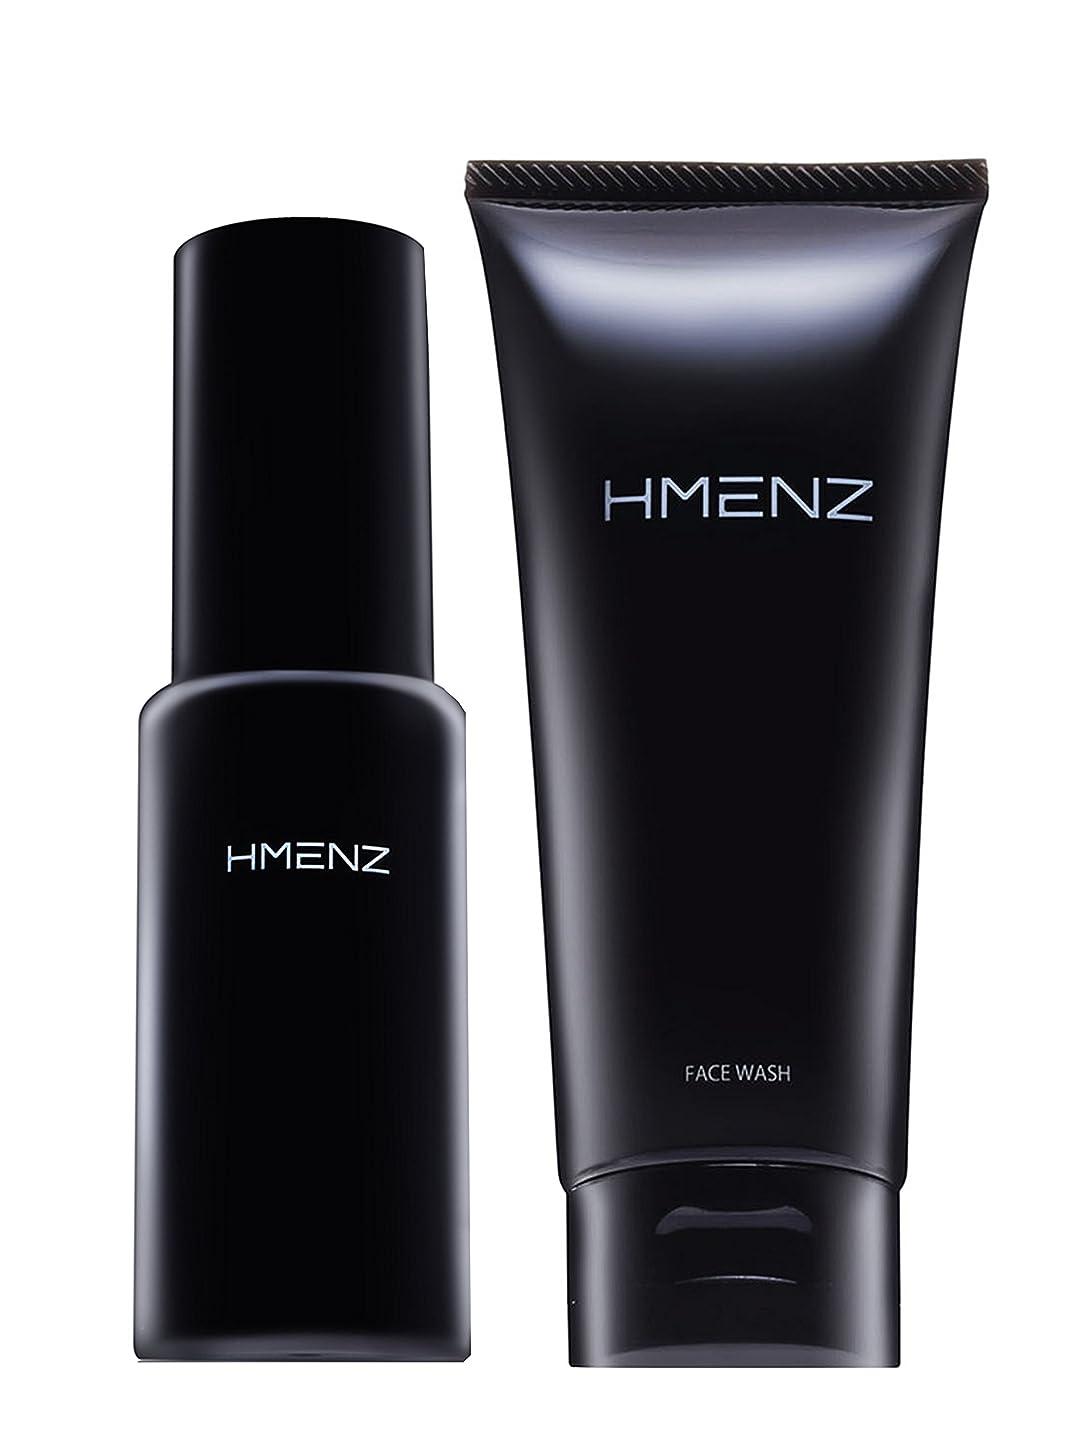 フォルダ敵対的固有の医薬部外品【 スキンケア セット 】HMENZ メンズ 洗顔 & 美容液 乾燥肌 対策 保湿 (無添加 シミ対策 ニキビ対策 エイジングケア) 洗顔 オールインワン ジェル 100g&50ml